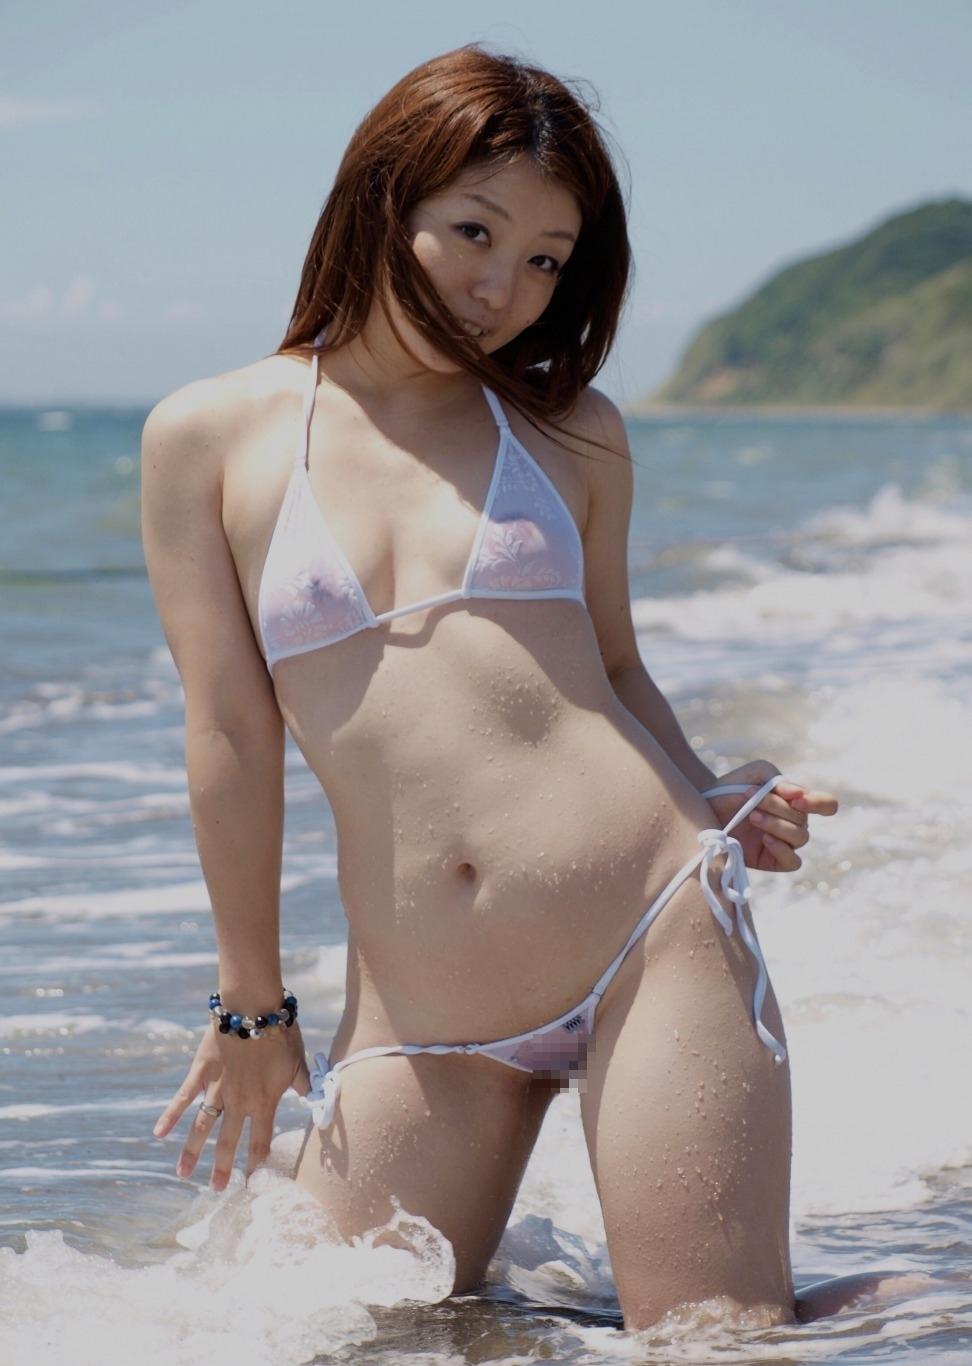 スケスケビキニの素人女性がビーチで全裸になってる画像 1